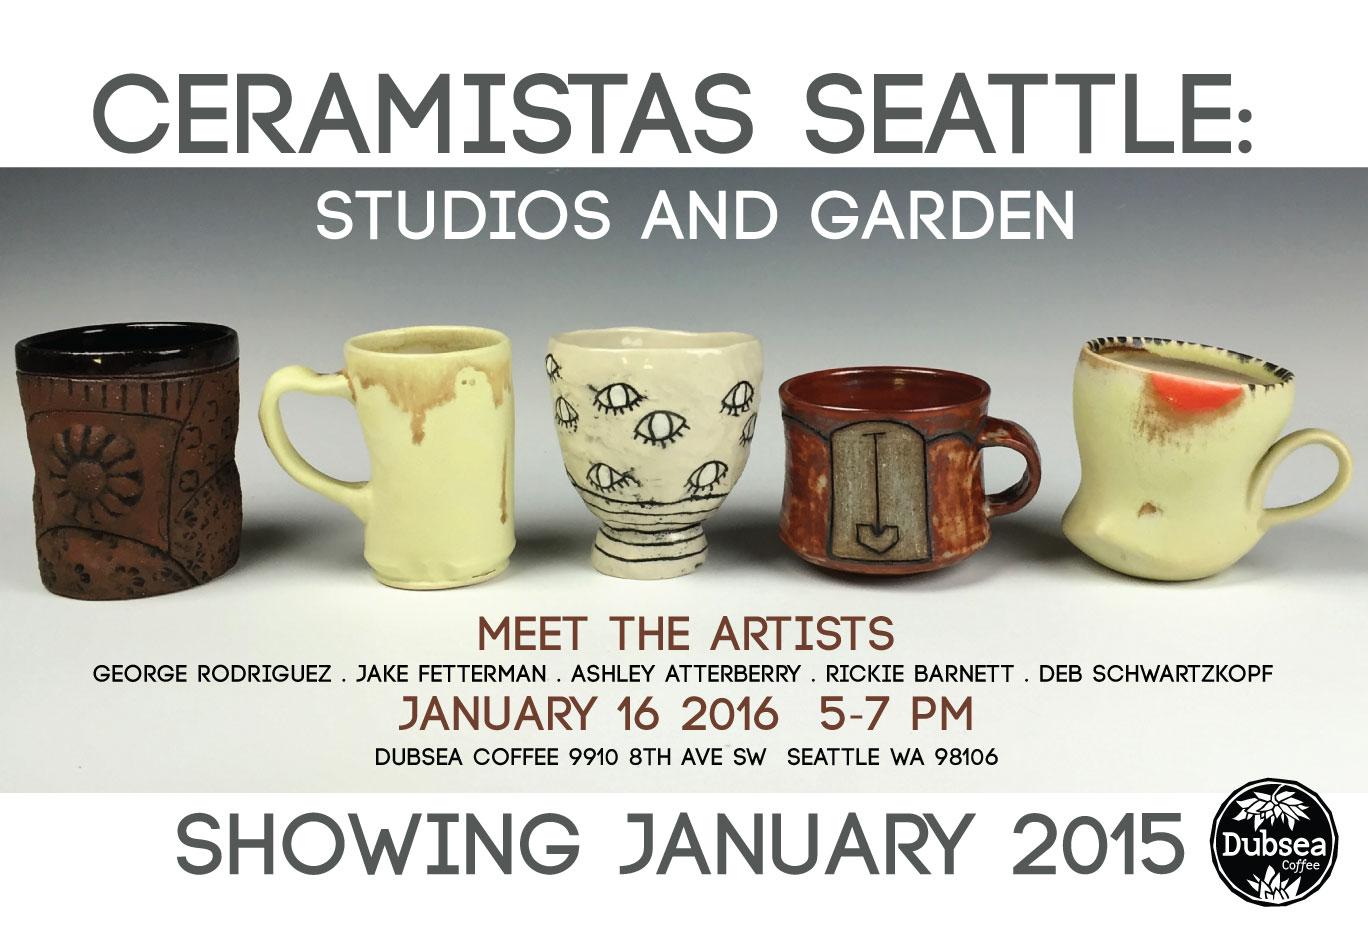 Ceramistas Seattle